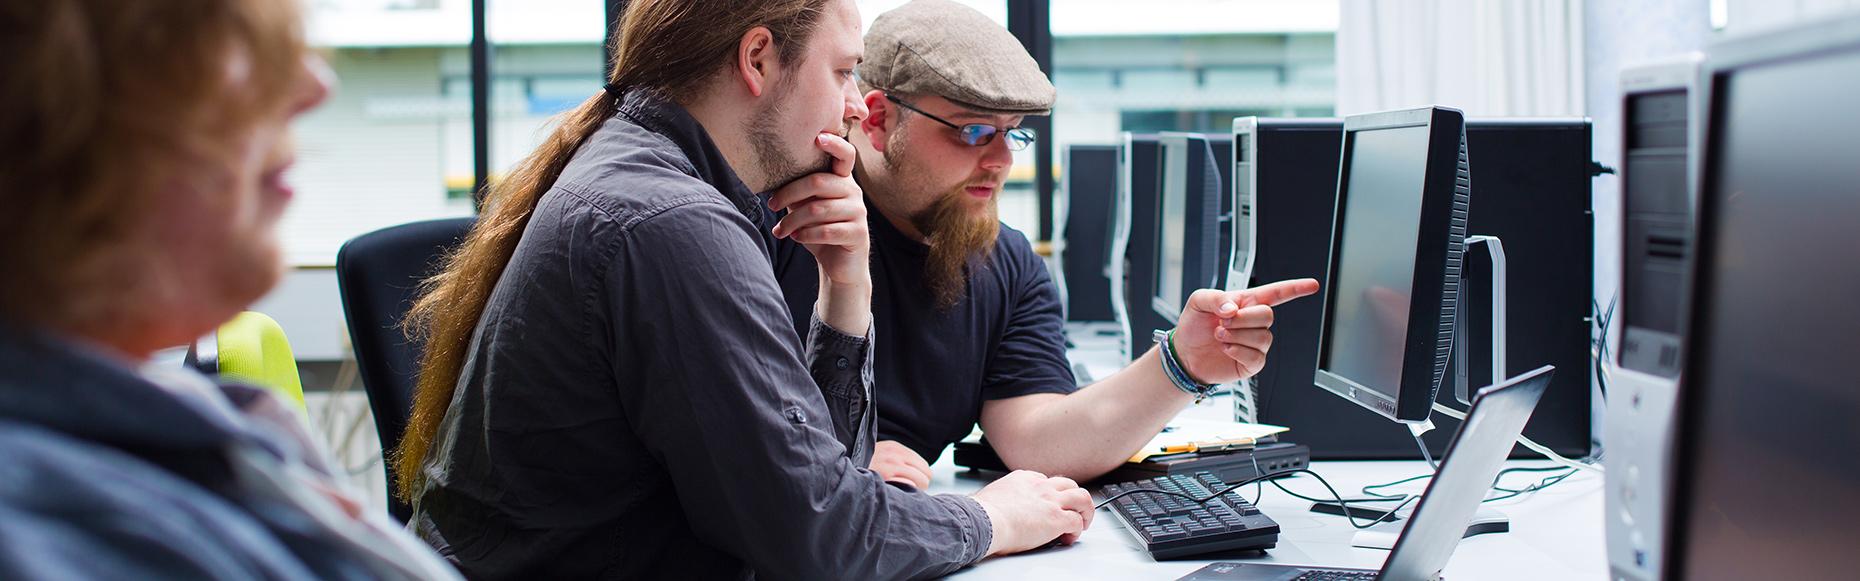 Zwei junge Männer sitzen vor einem Computer und schauen auf den Monitor.